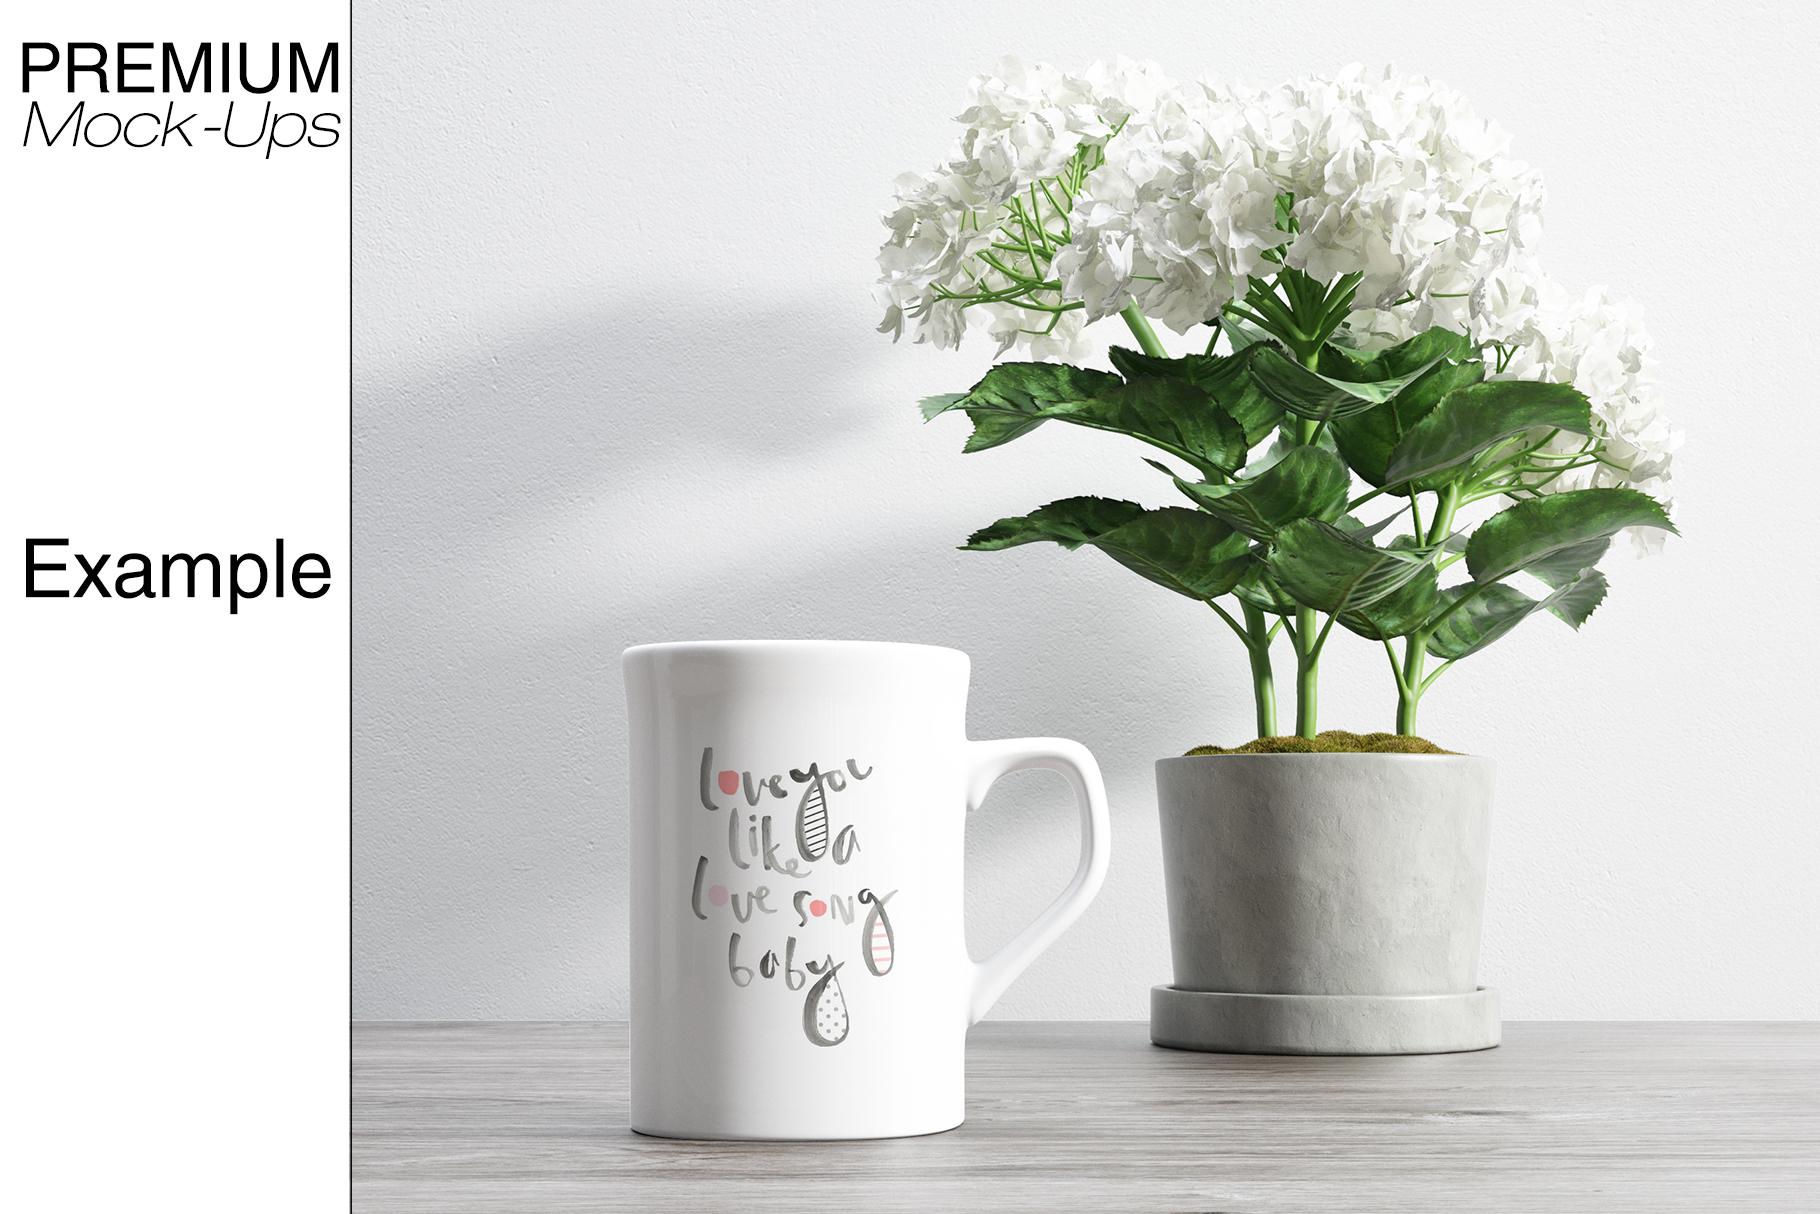 Mug Mockups - Many Shapes example image 15